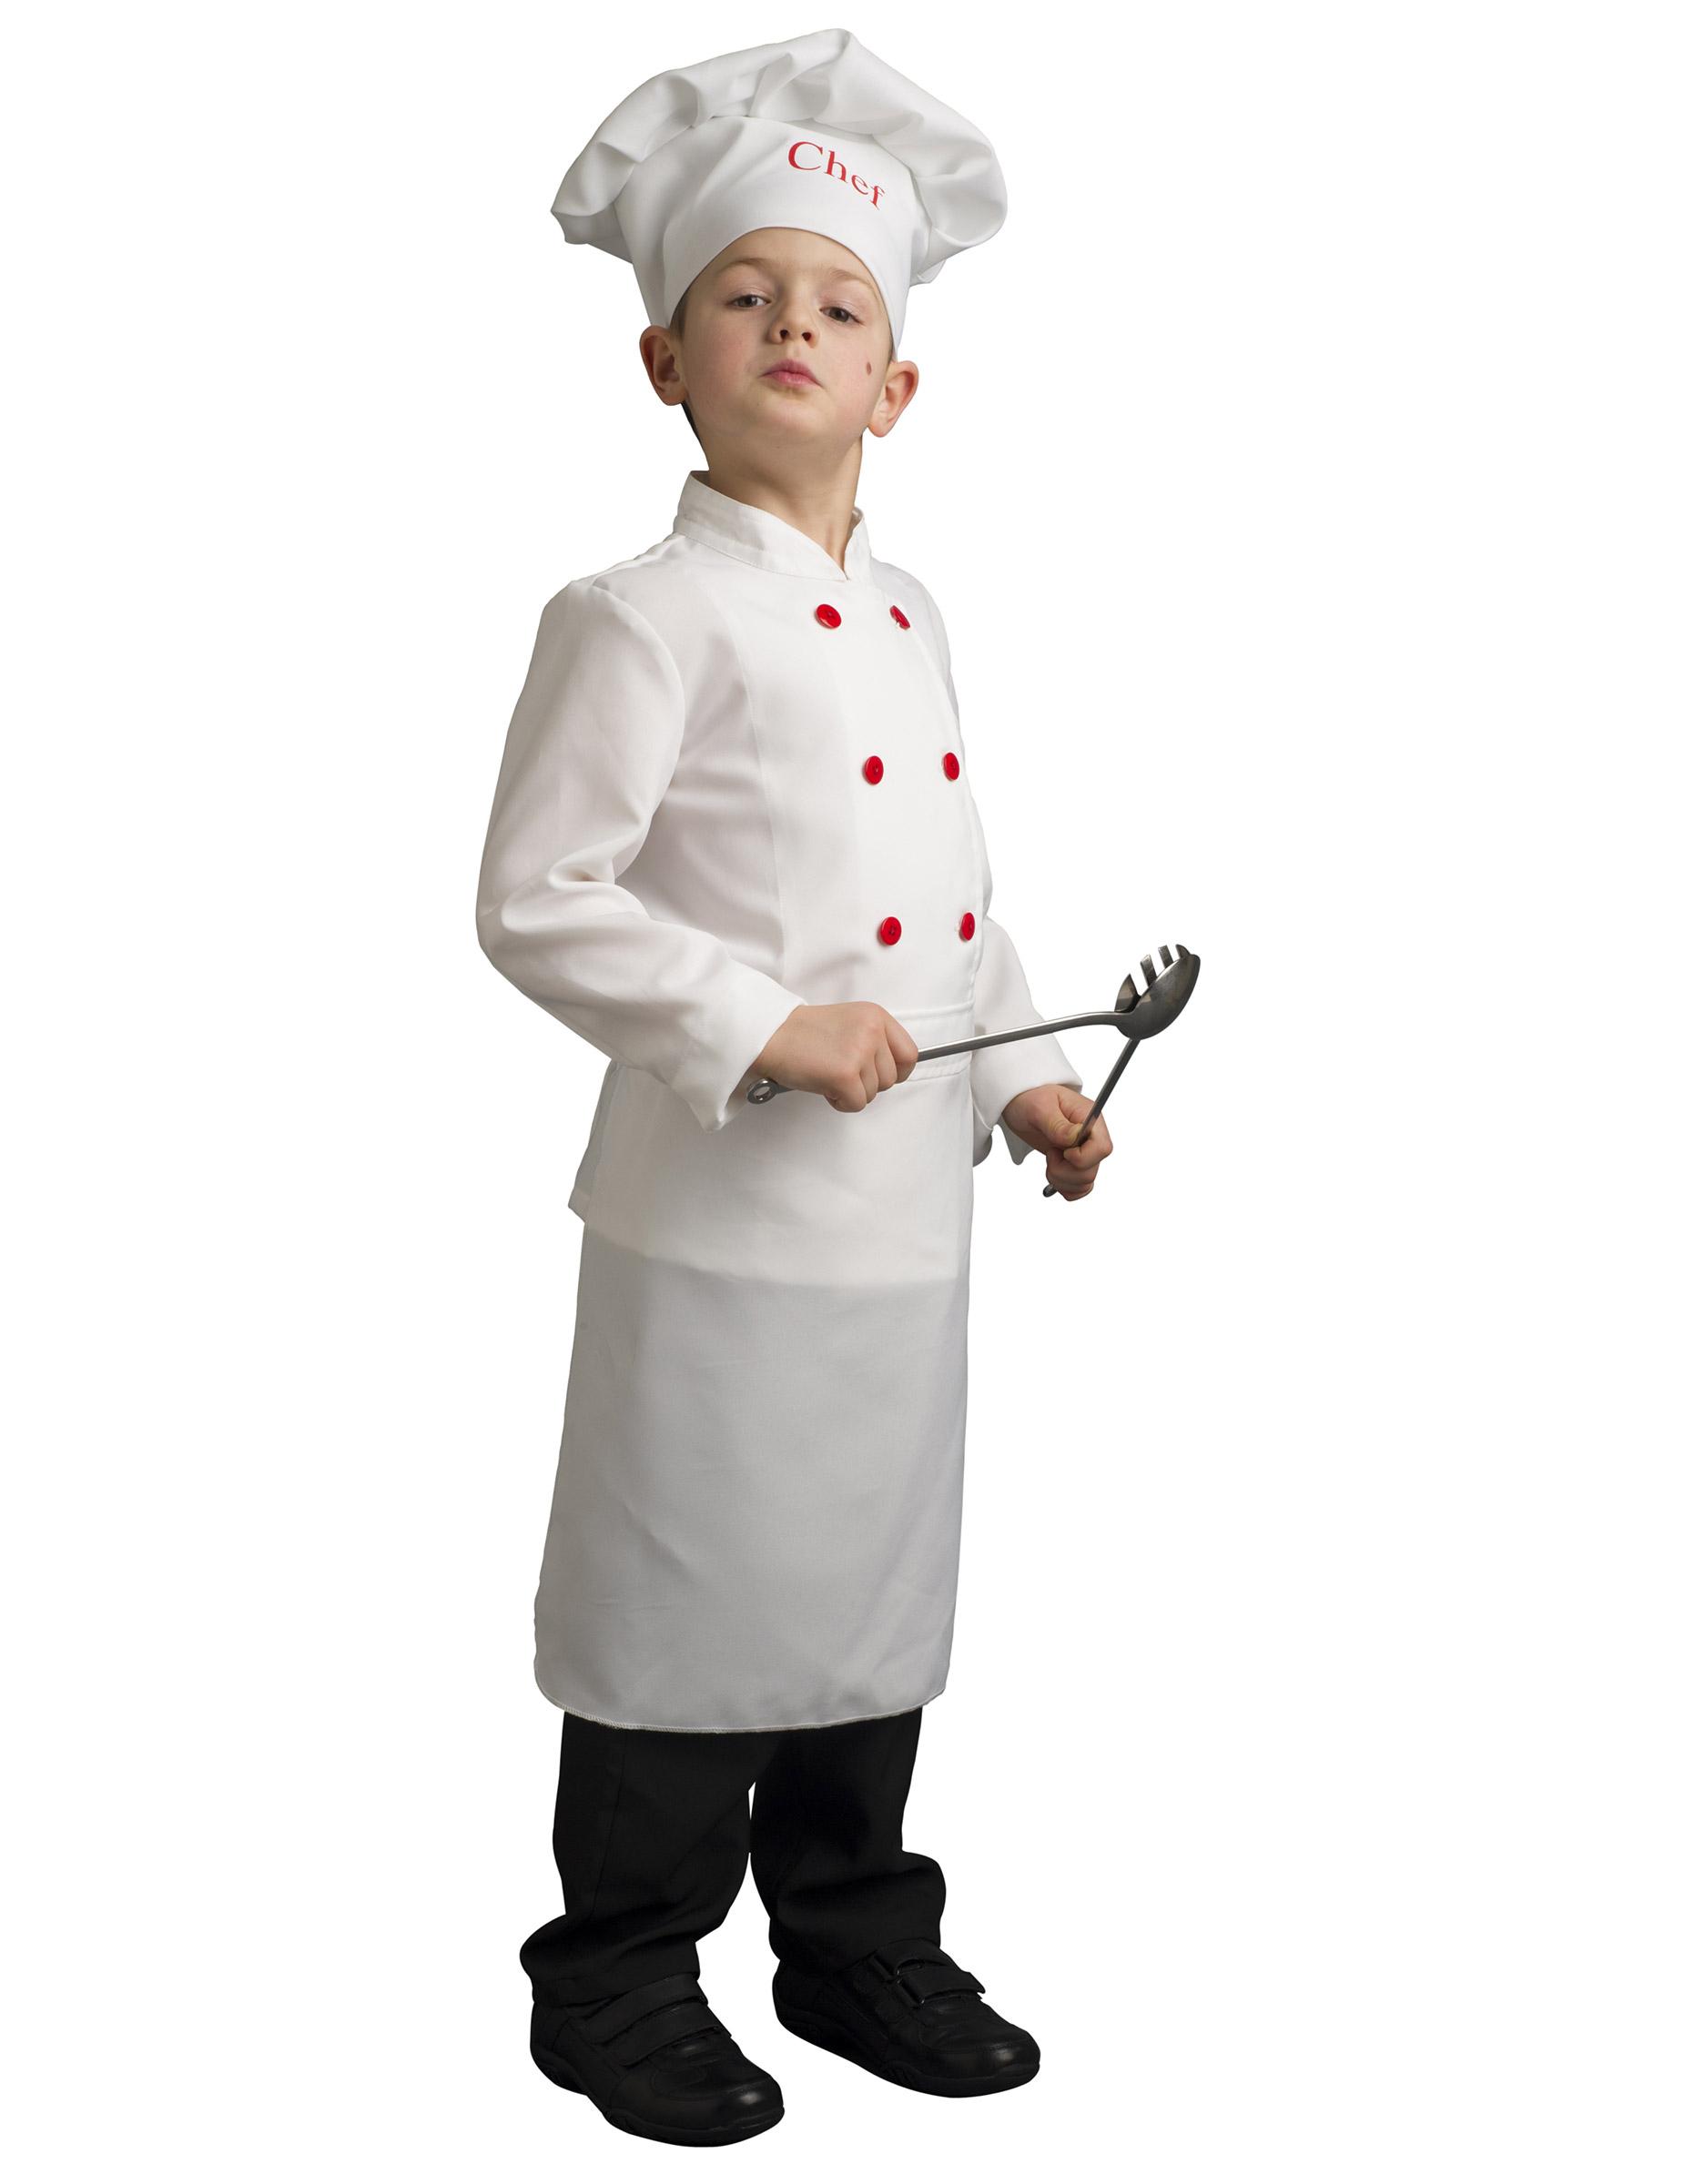 Костюм повара для детей своими руками